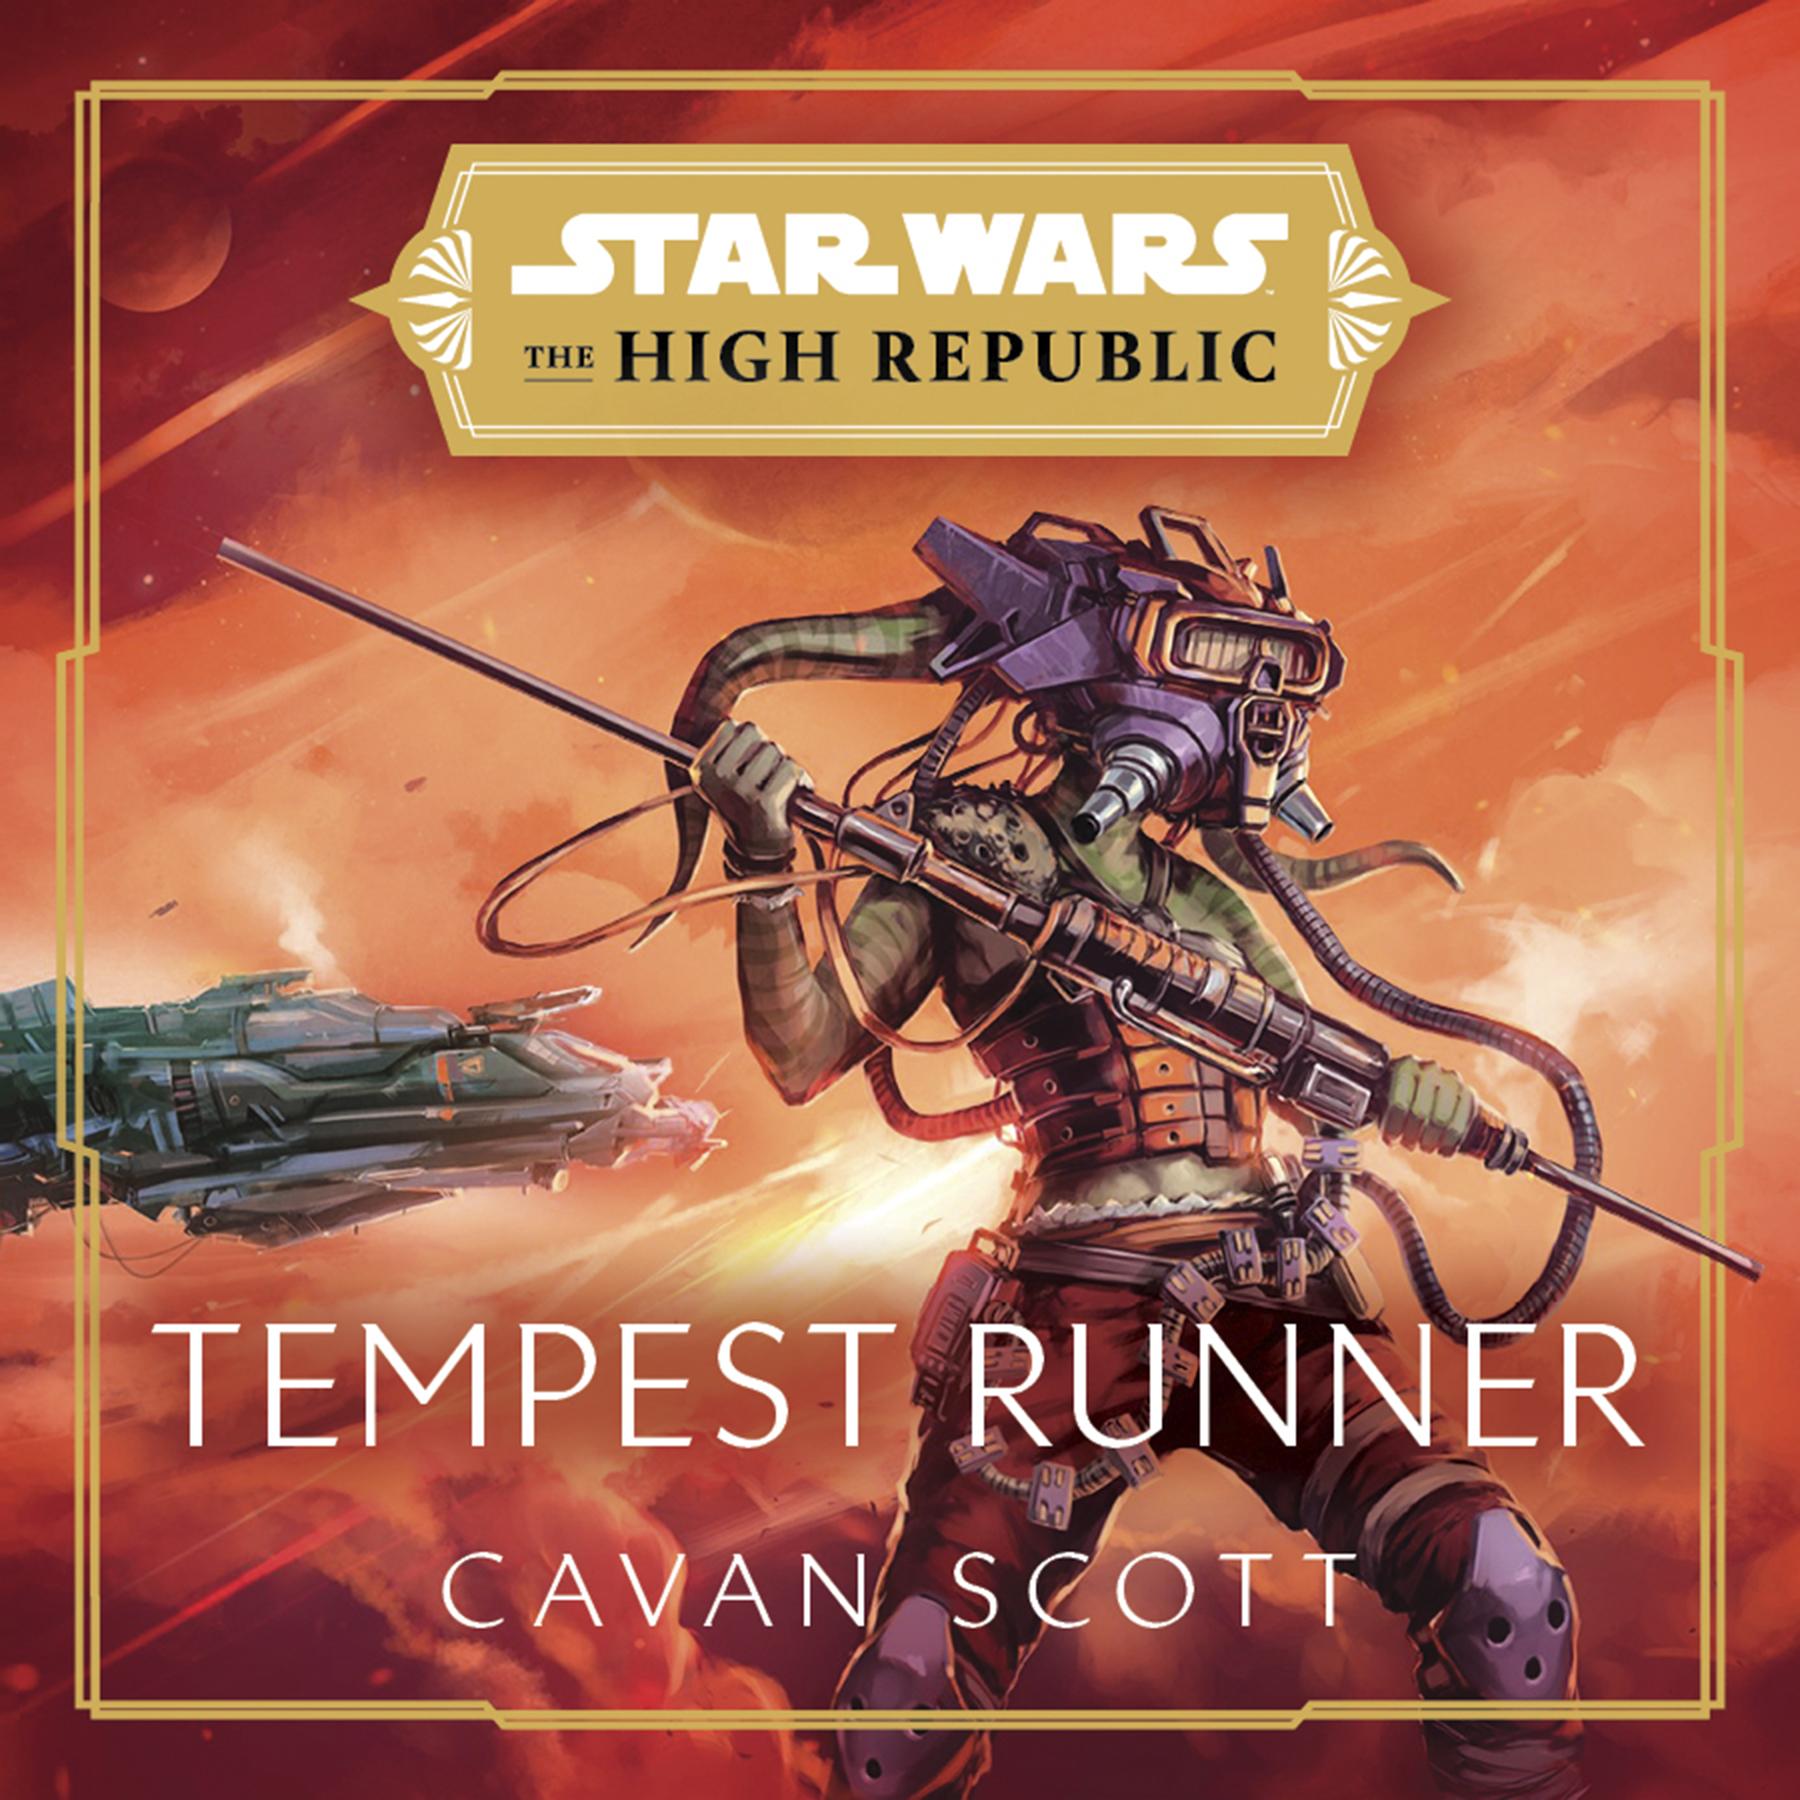 Star Wars - Tempest Runner Cover